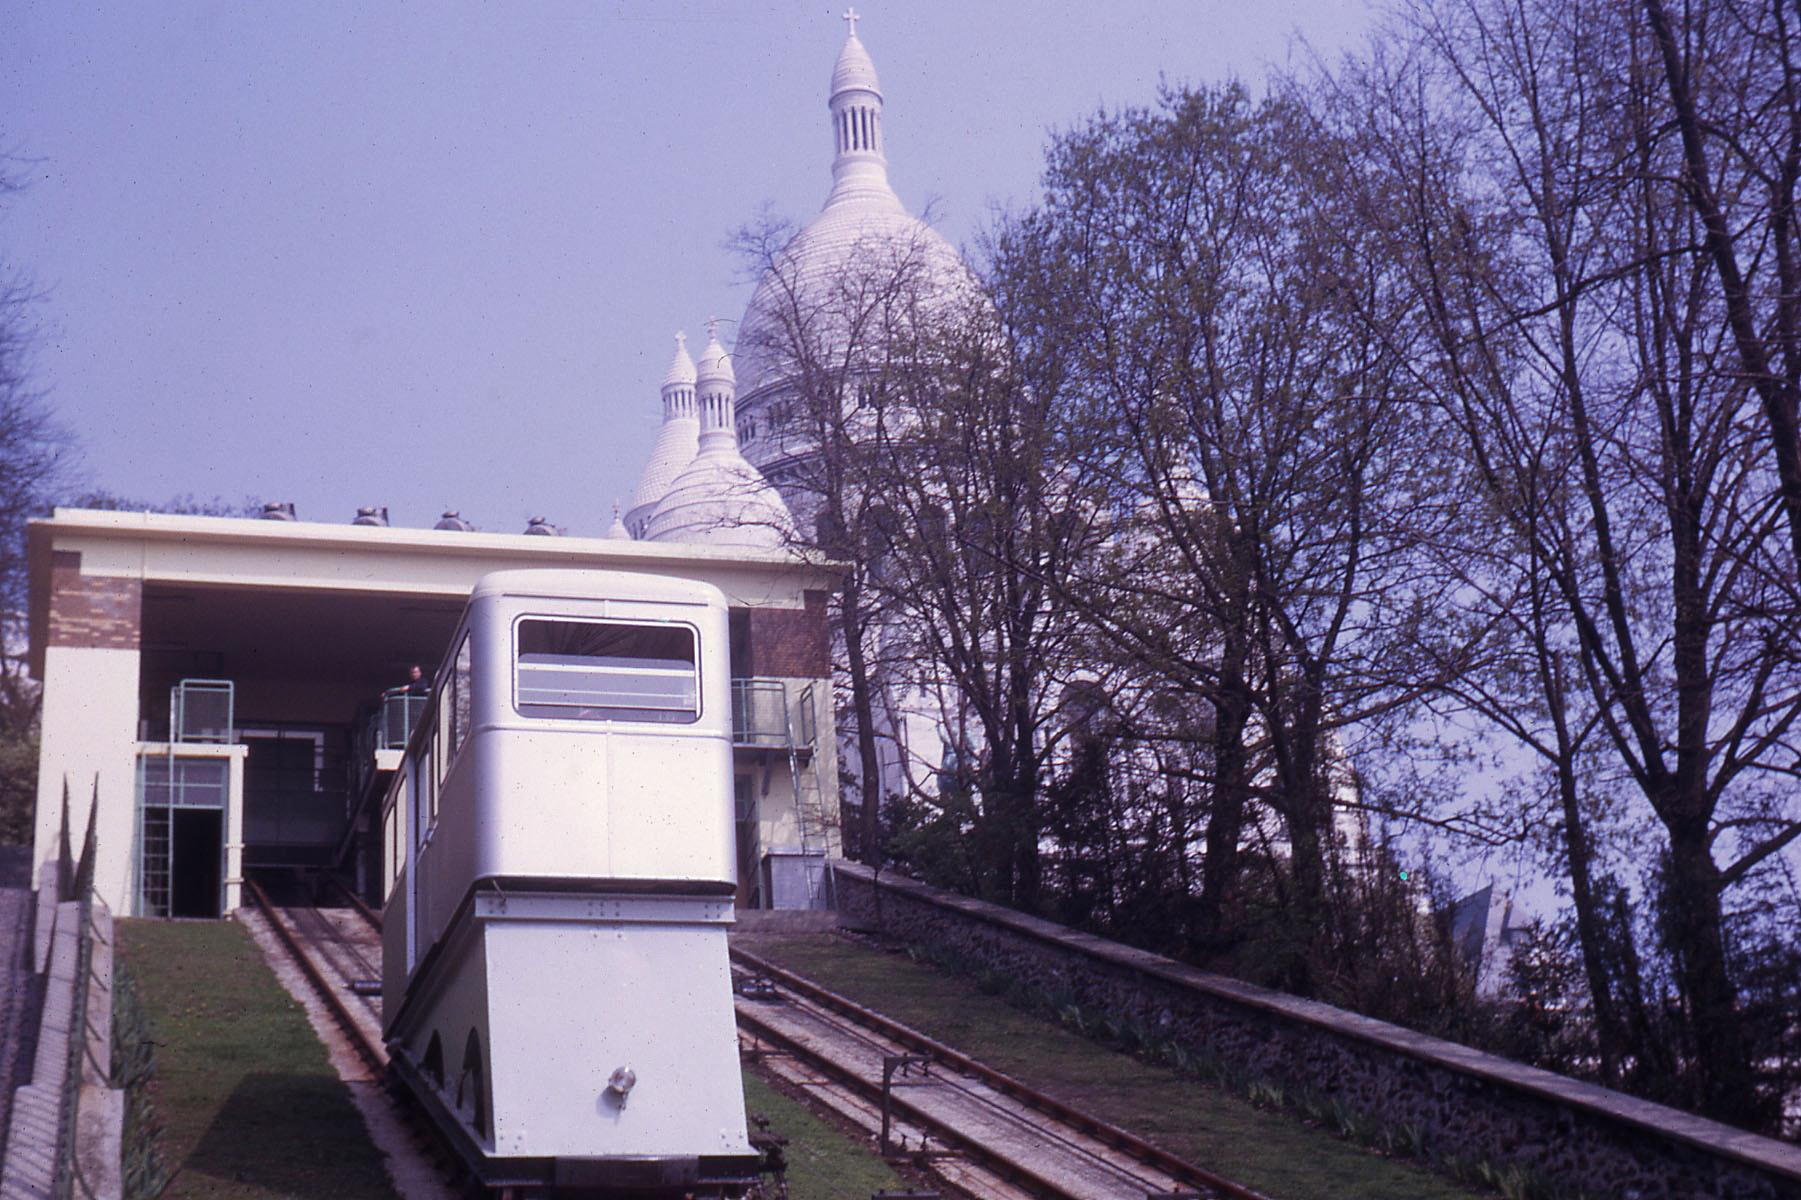 Funiculaire de Montmartre en 1963 / Montmartre Funicular in 1963